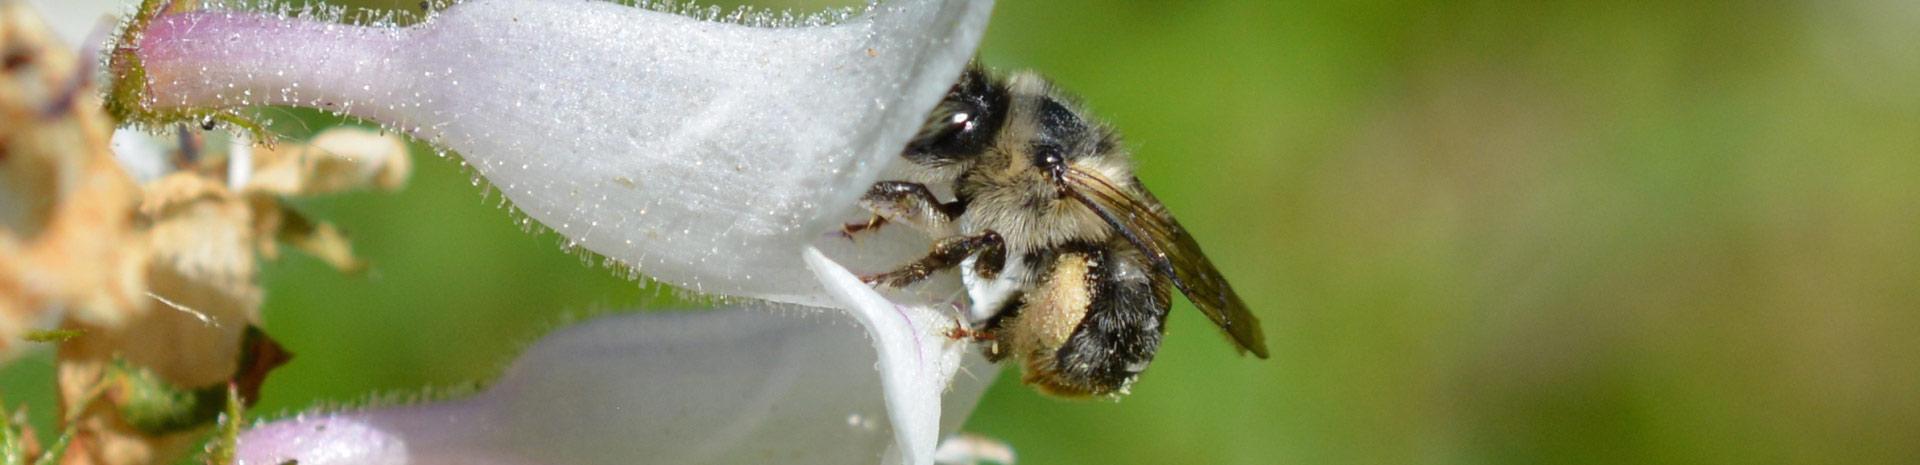 Цветы являются важным звеном в передаче бактерий диким пчёлам